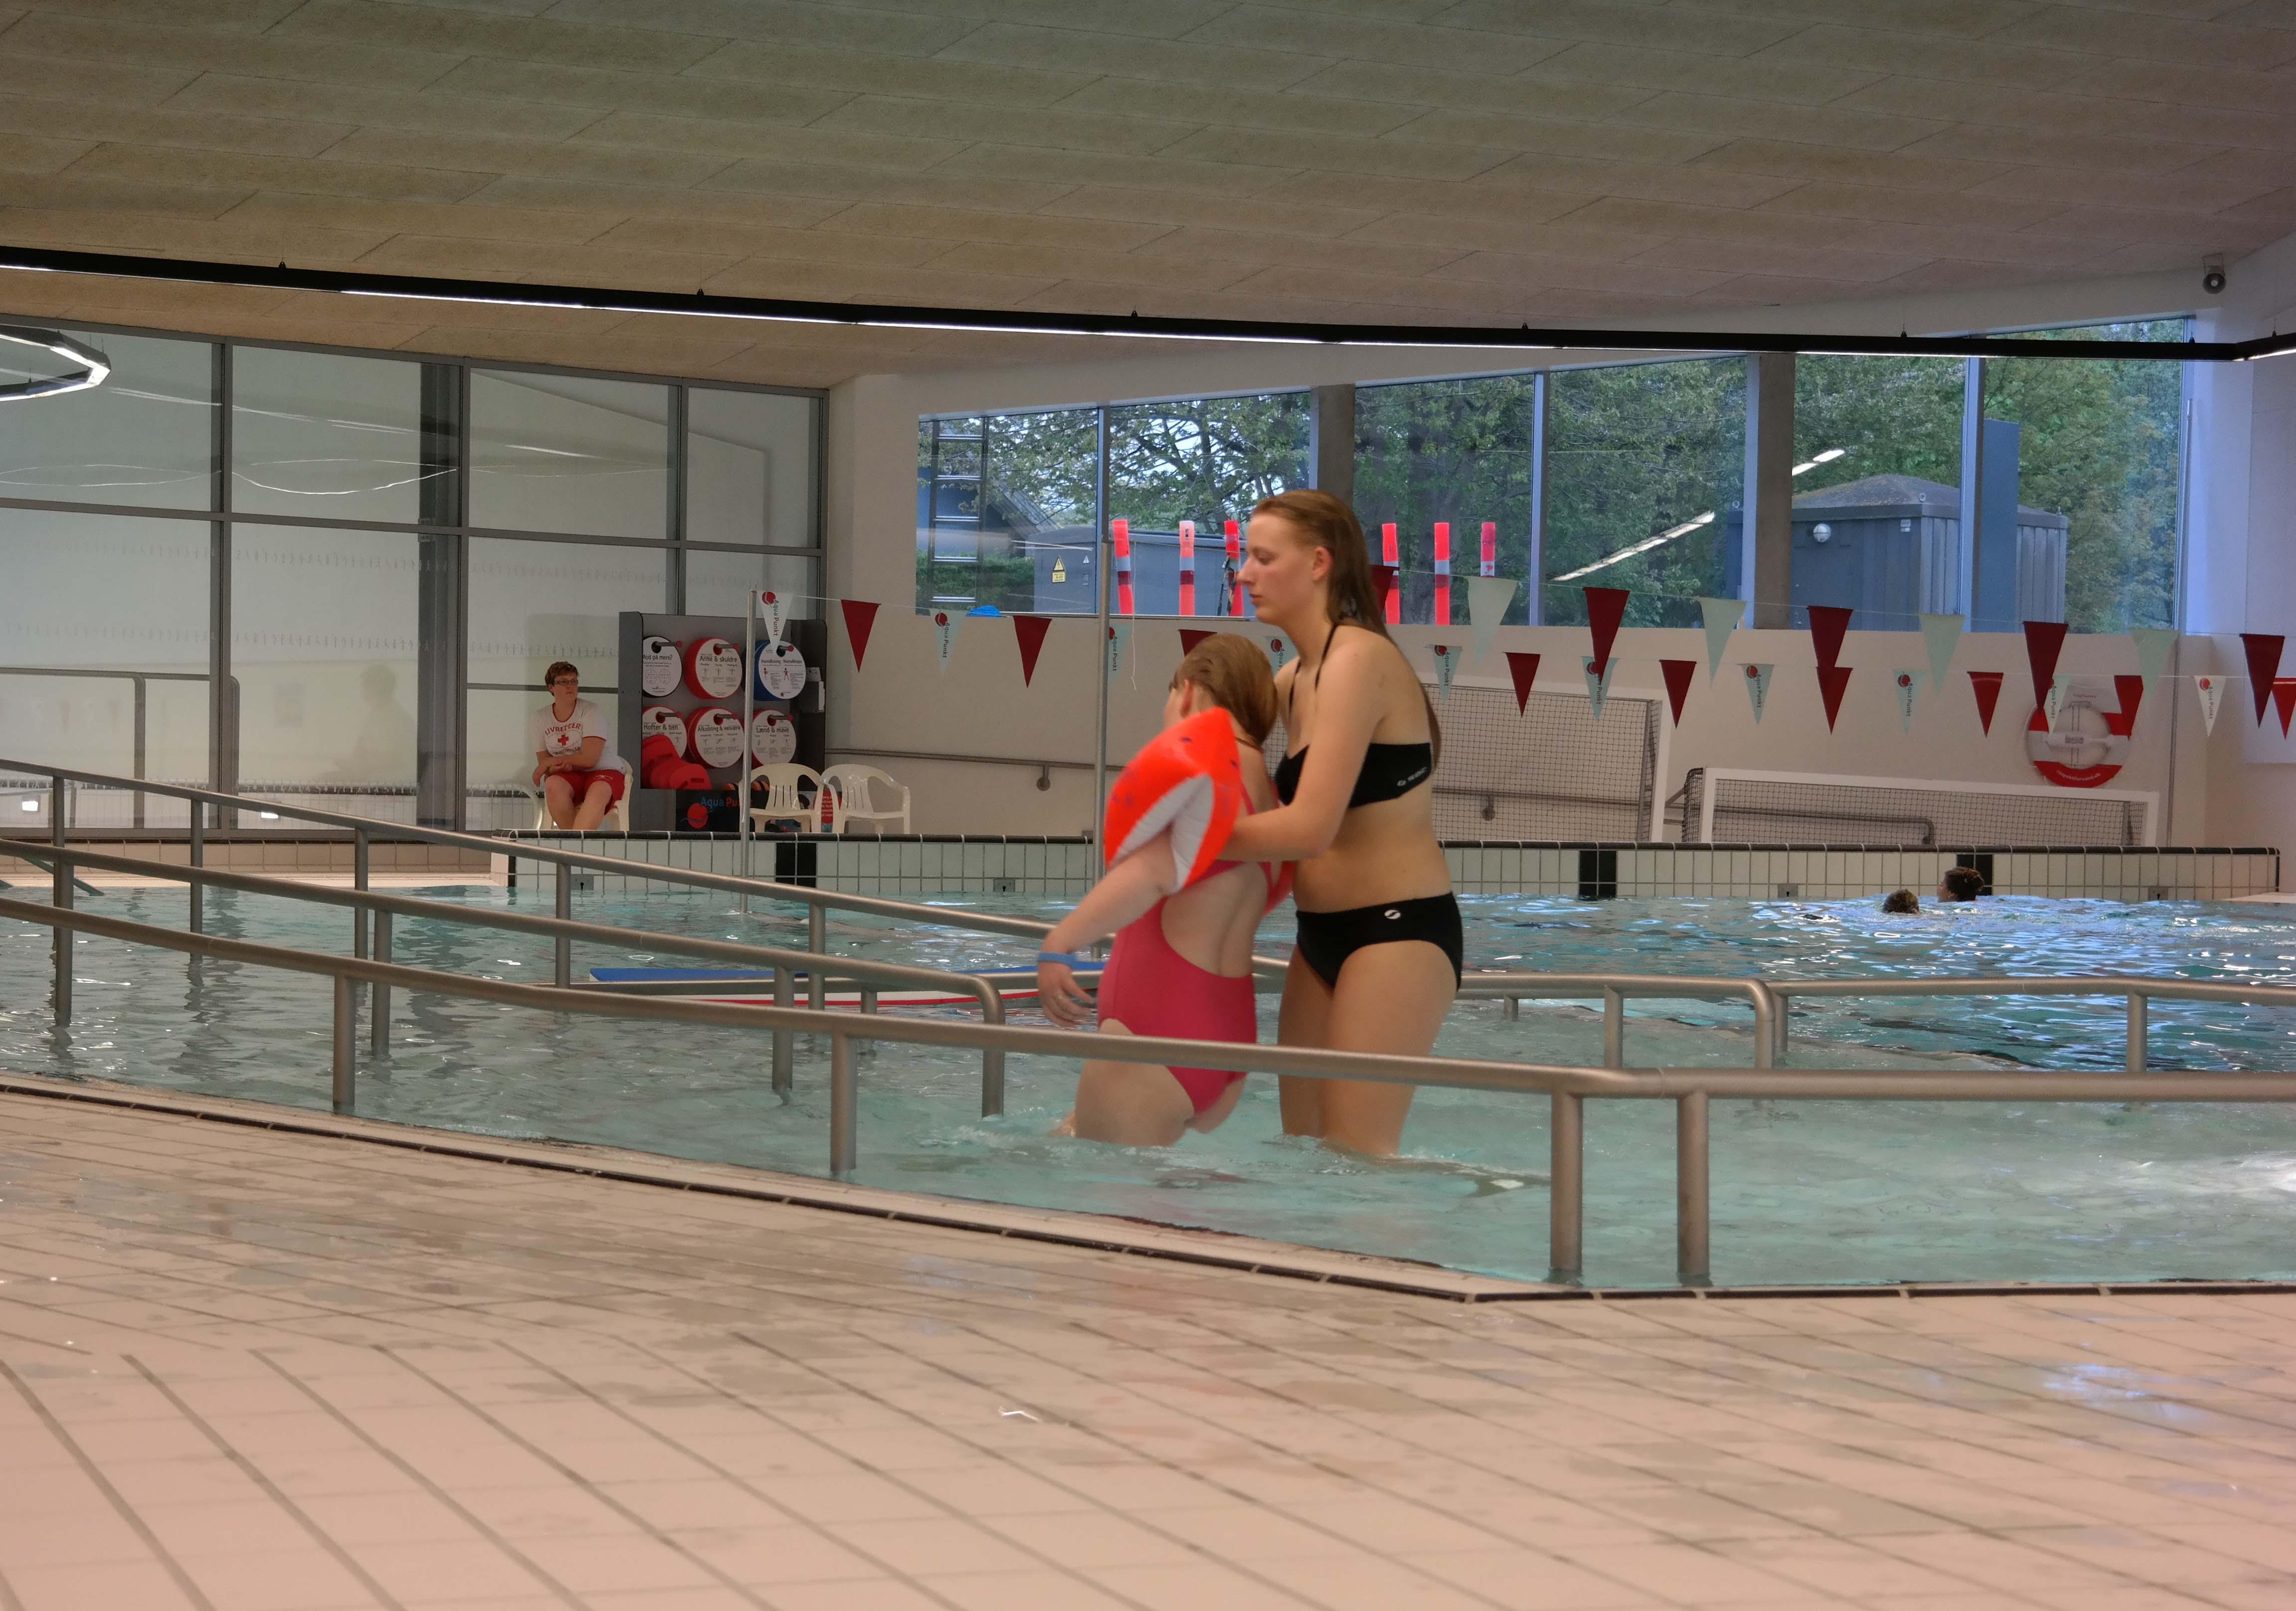 Rampen ned i bassinet fungerer som træningsredsskab i undervisningen.